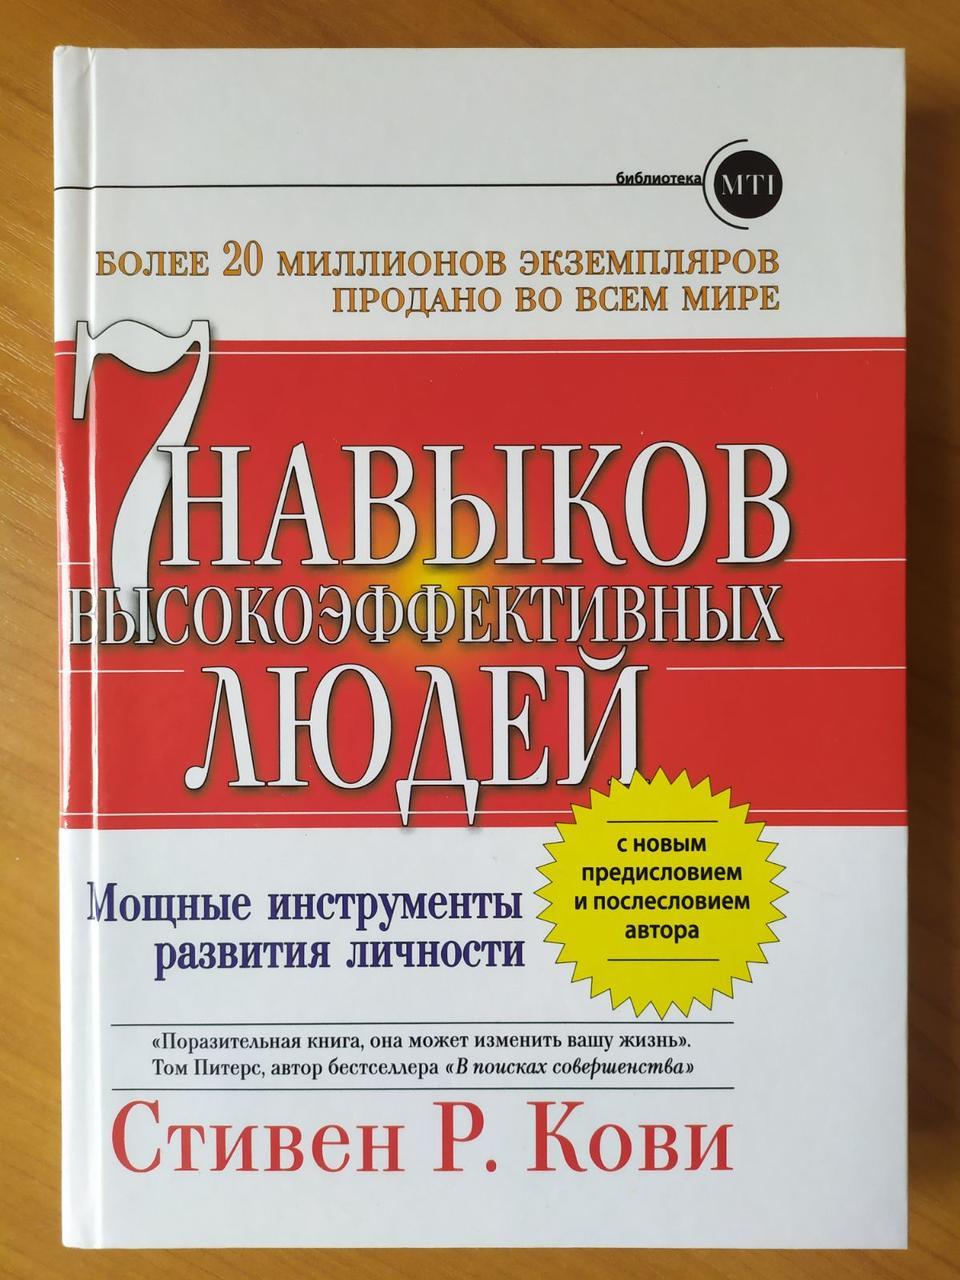 Стивен Кови. 7 навыков высокоэффективных людей. 7-е изд. (твёрдая обложка)